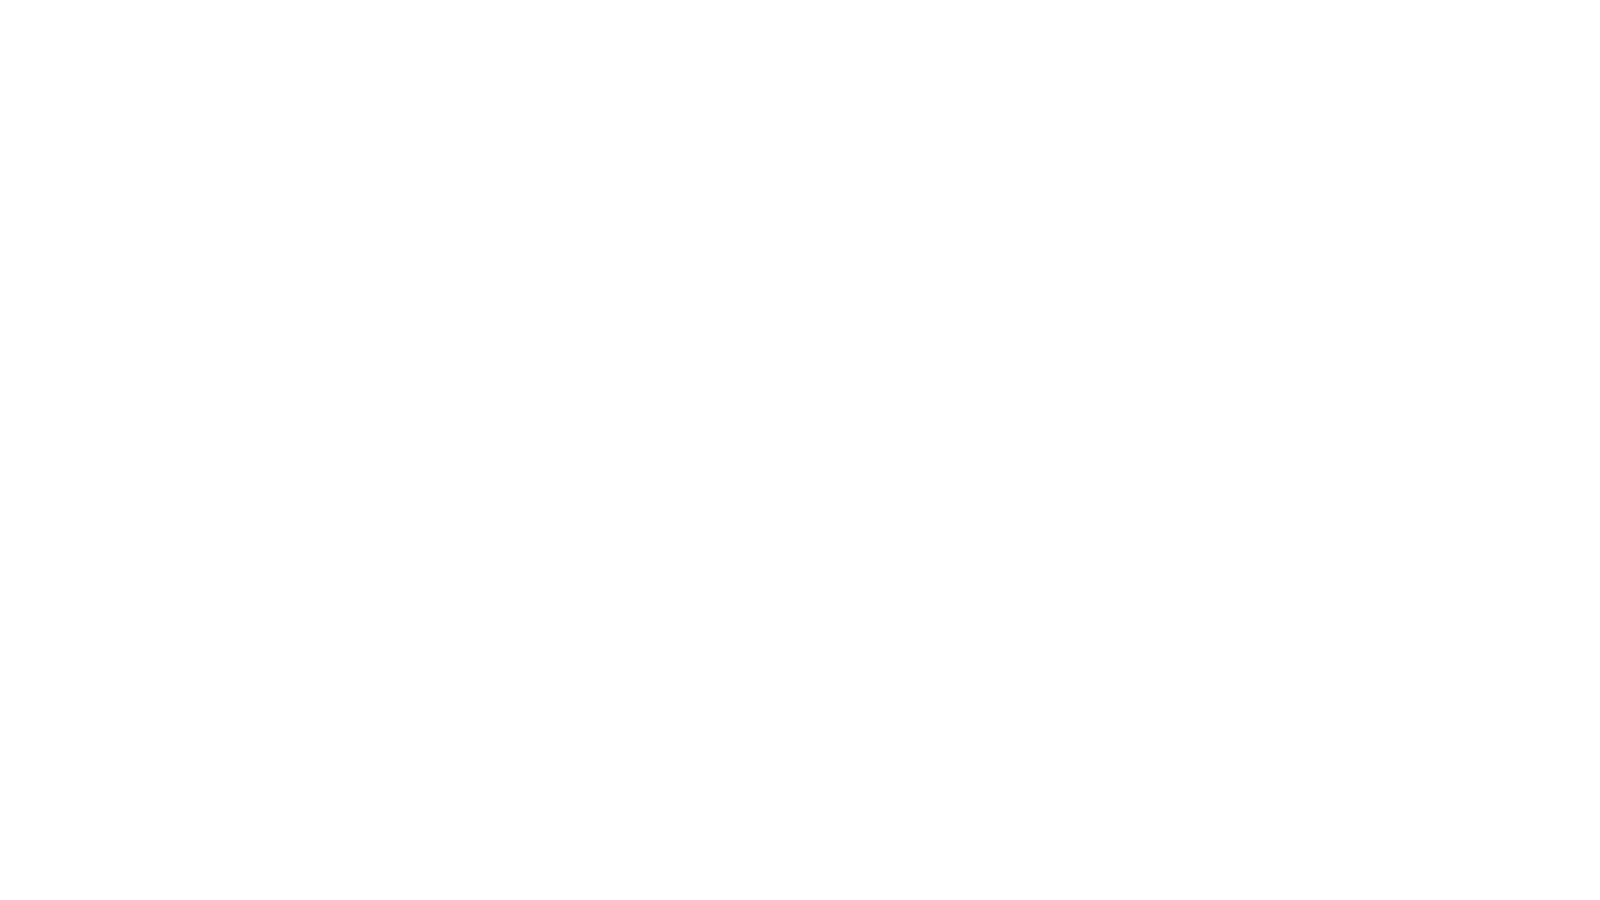 """La Strada del Vino Vesuvio e dei prodotti tipici Vesuviani è un'Associazione non lucrativa di utilità sociale fondata grazie al contributo di tutti gli associati. Aziende, produttori e diversi soggetti che ogni giorno con la propria attività difendono il territorio, esaltando le eccellenze dell'enogastronomia.  Da alcuni anni l'associazione in collaborazione con enti ed associazioni organizza """"Vesuvinum"""", una manifestazione che ha lo scopo di rafforzare il legame della produzione vitivinicola con la più antica storia del territorio: si tratta a ben vedere di una sorta di biglietto di presentazione che accompagna i produttori e gli associati nel corso di fiere e manifestazioni a carattere nazionale e internazionale."""